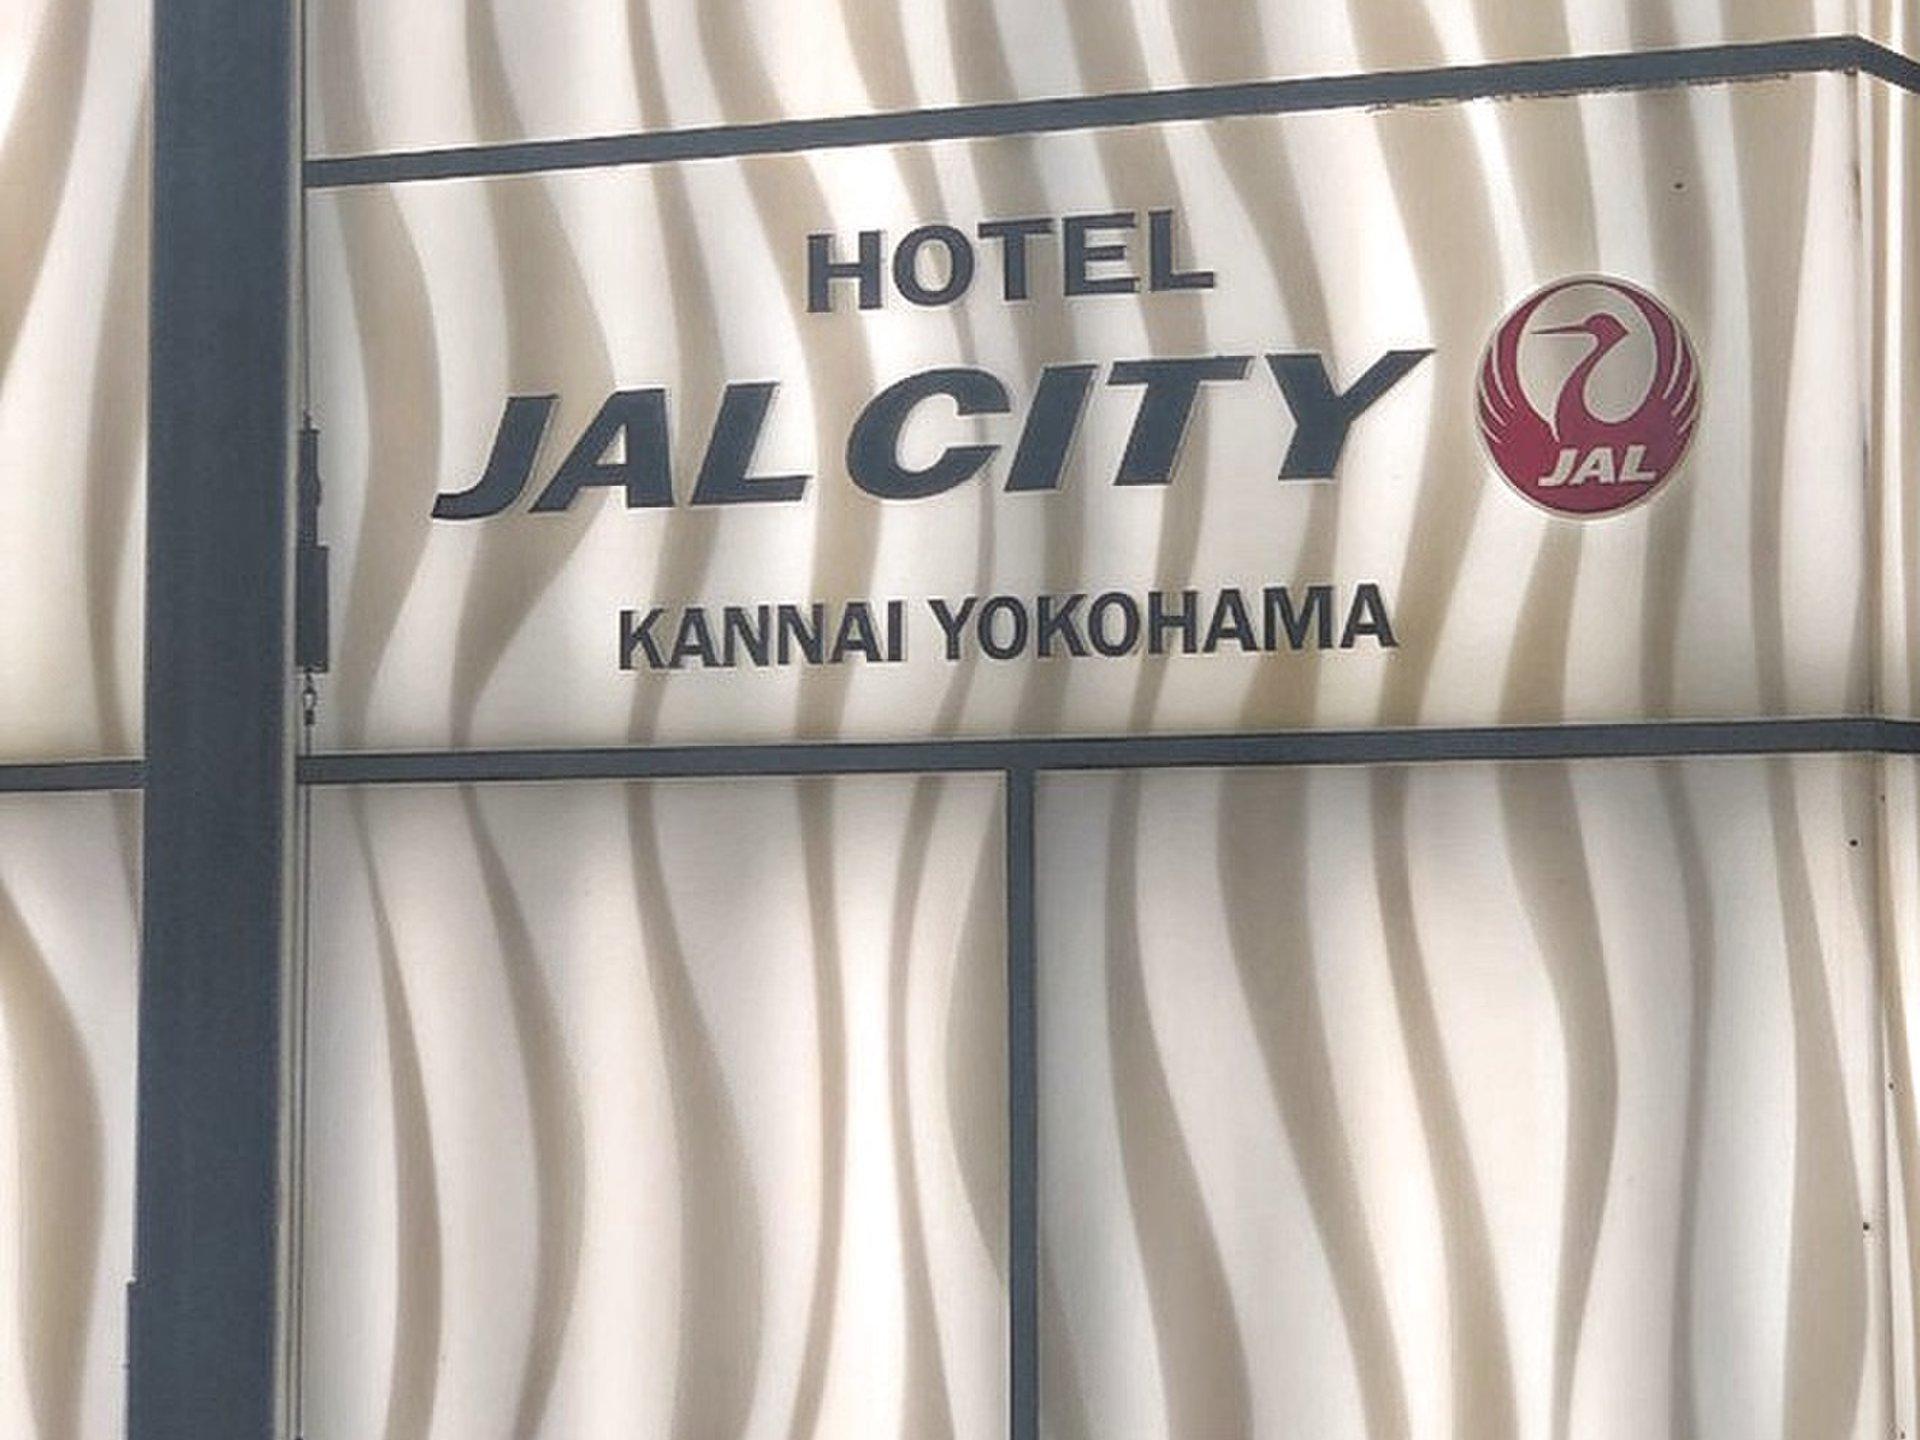 航空会社のホテル⁉横浜「ホテルJALシティ関内」中華街や観光地が徒歩圏内